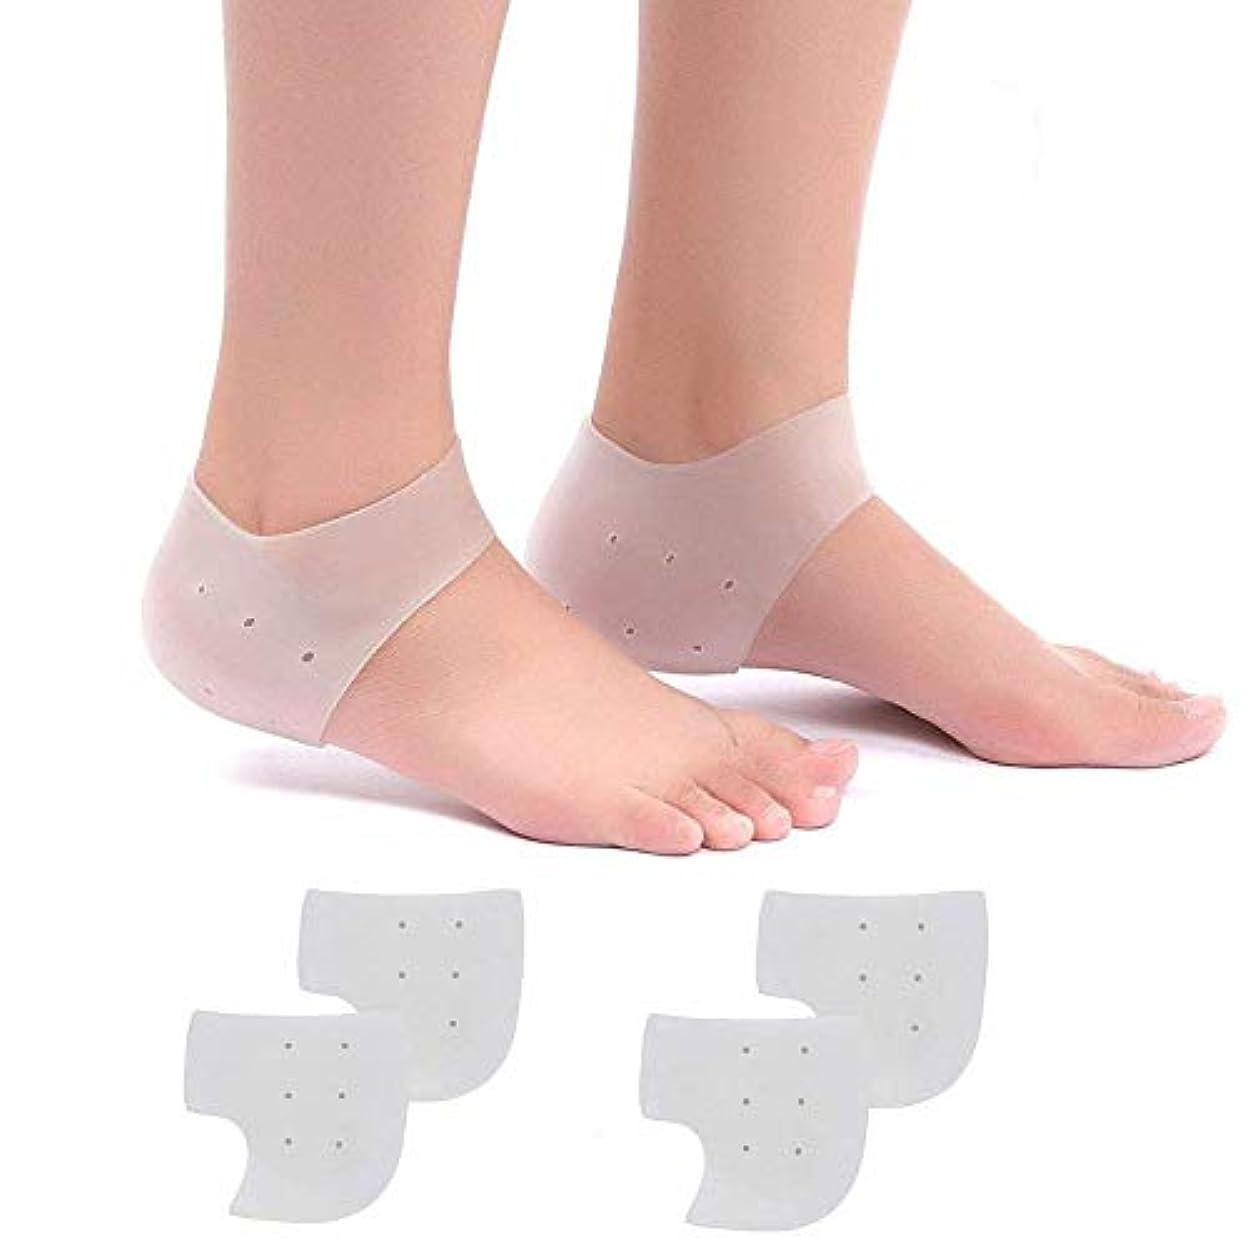 近傍高めるメールシリコーンヒールスリーブ通気性シリコーンヒールカップ保護パッドの10組、ドライかかとを修復し、足底筋膜炎/アキレス腱/腱/ヒールスパー/かかとの痛みを軽減することができます